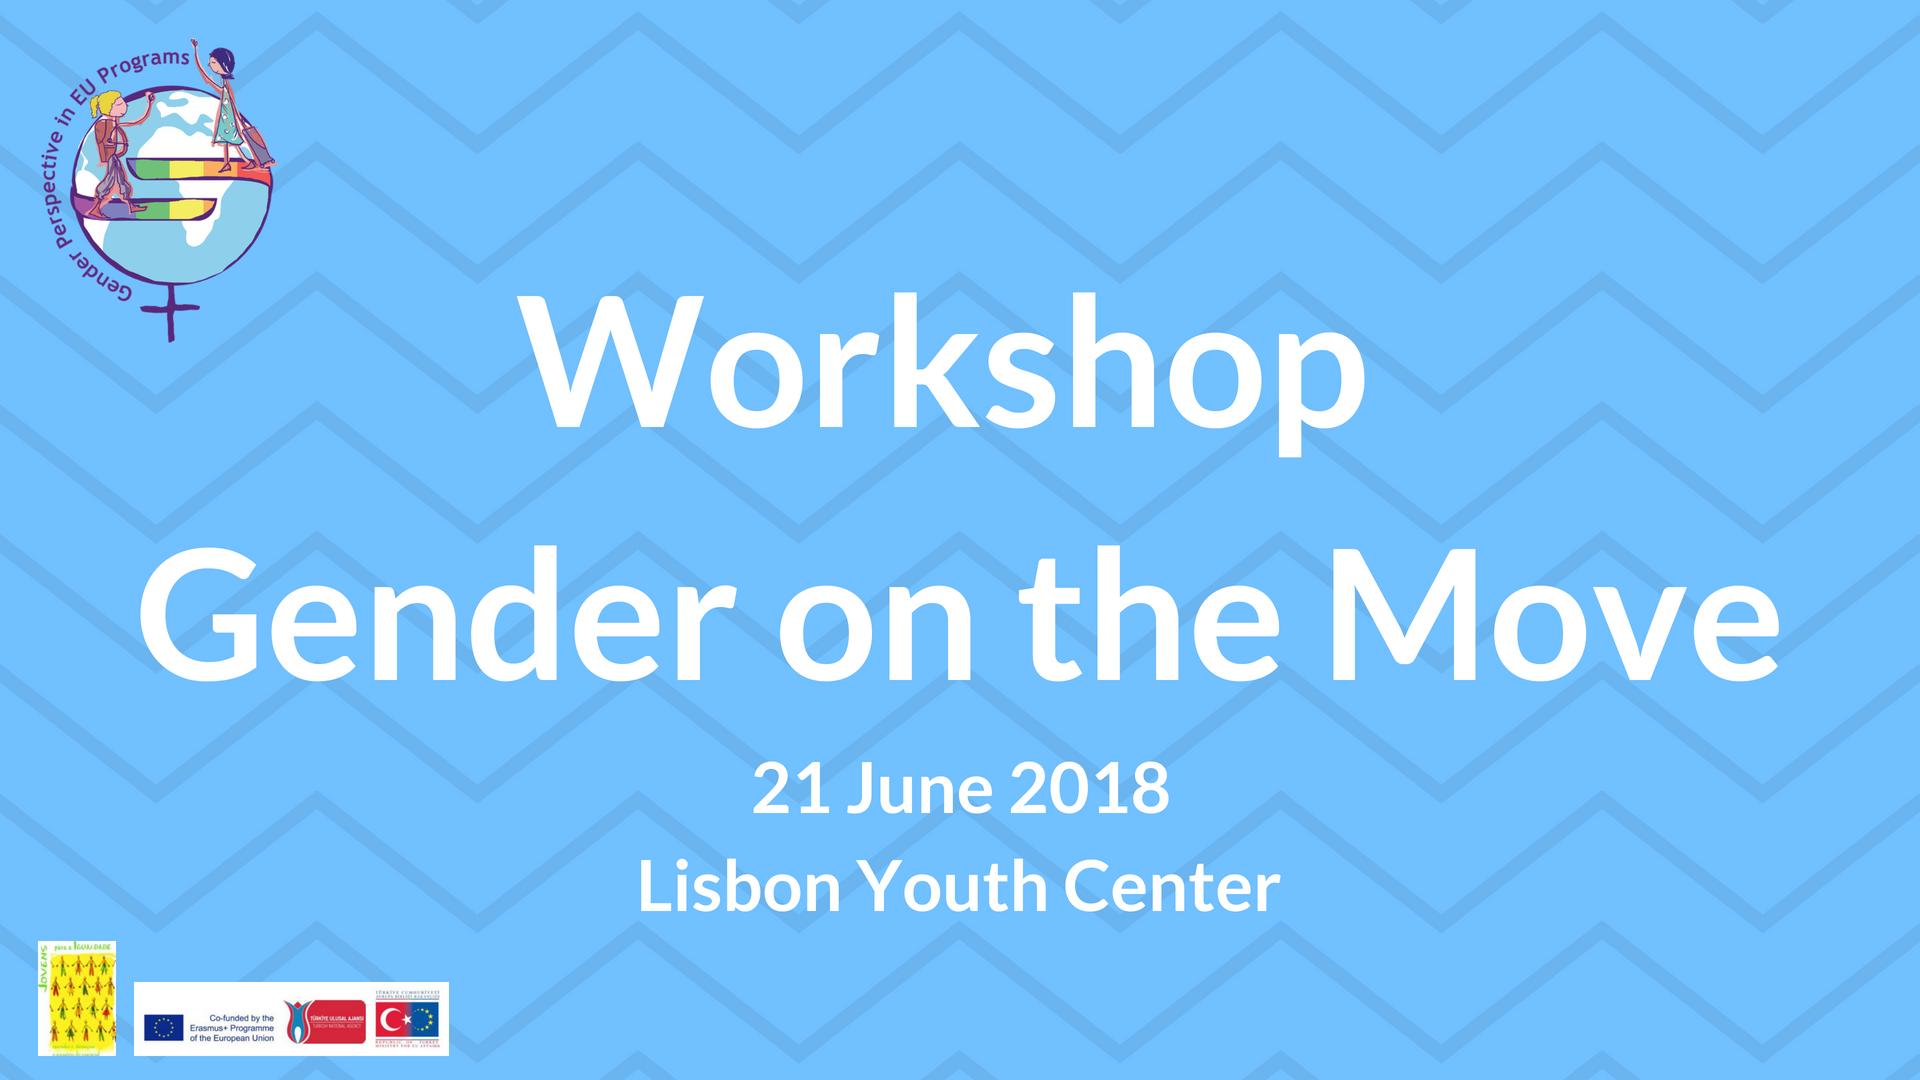 Workshop Gender on the Move